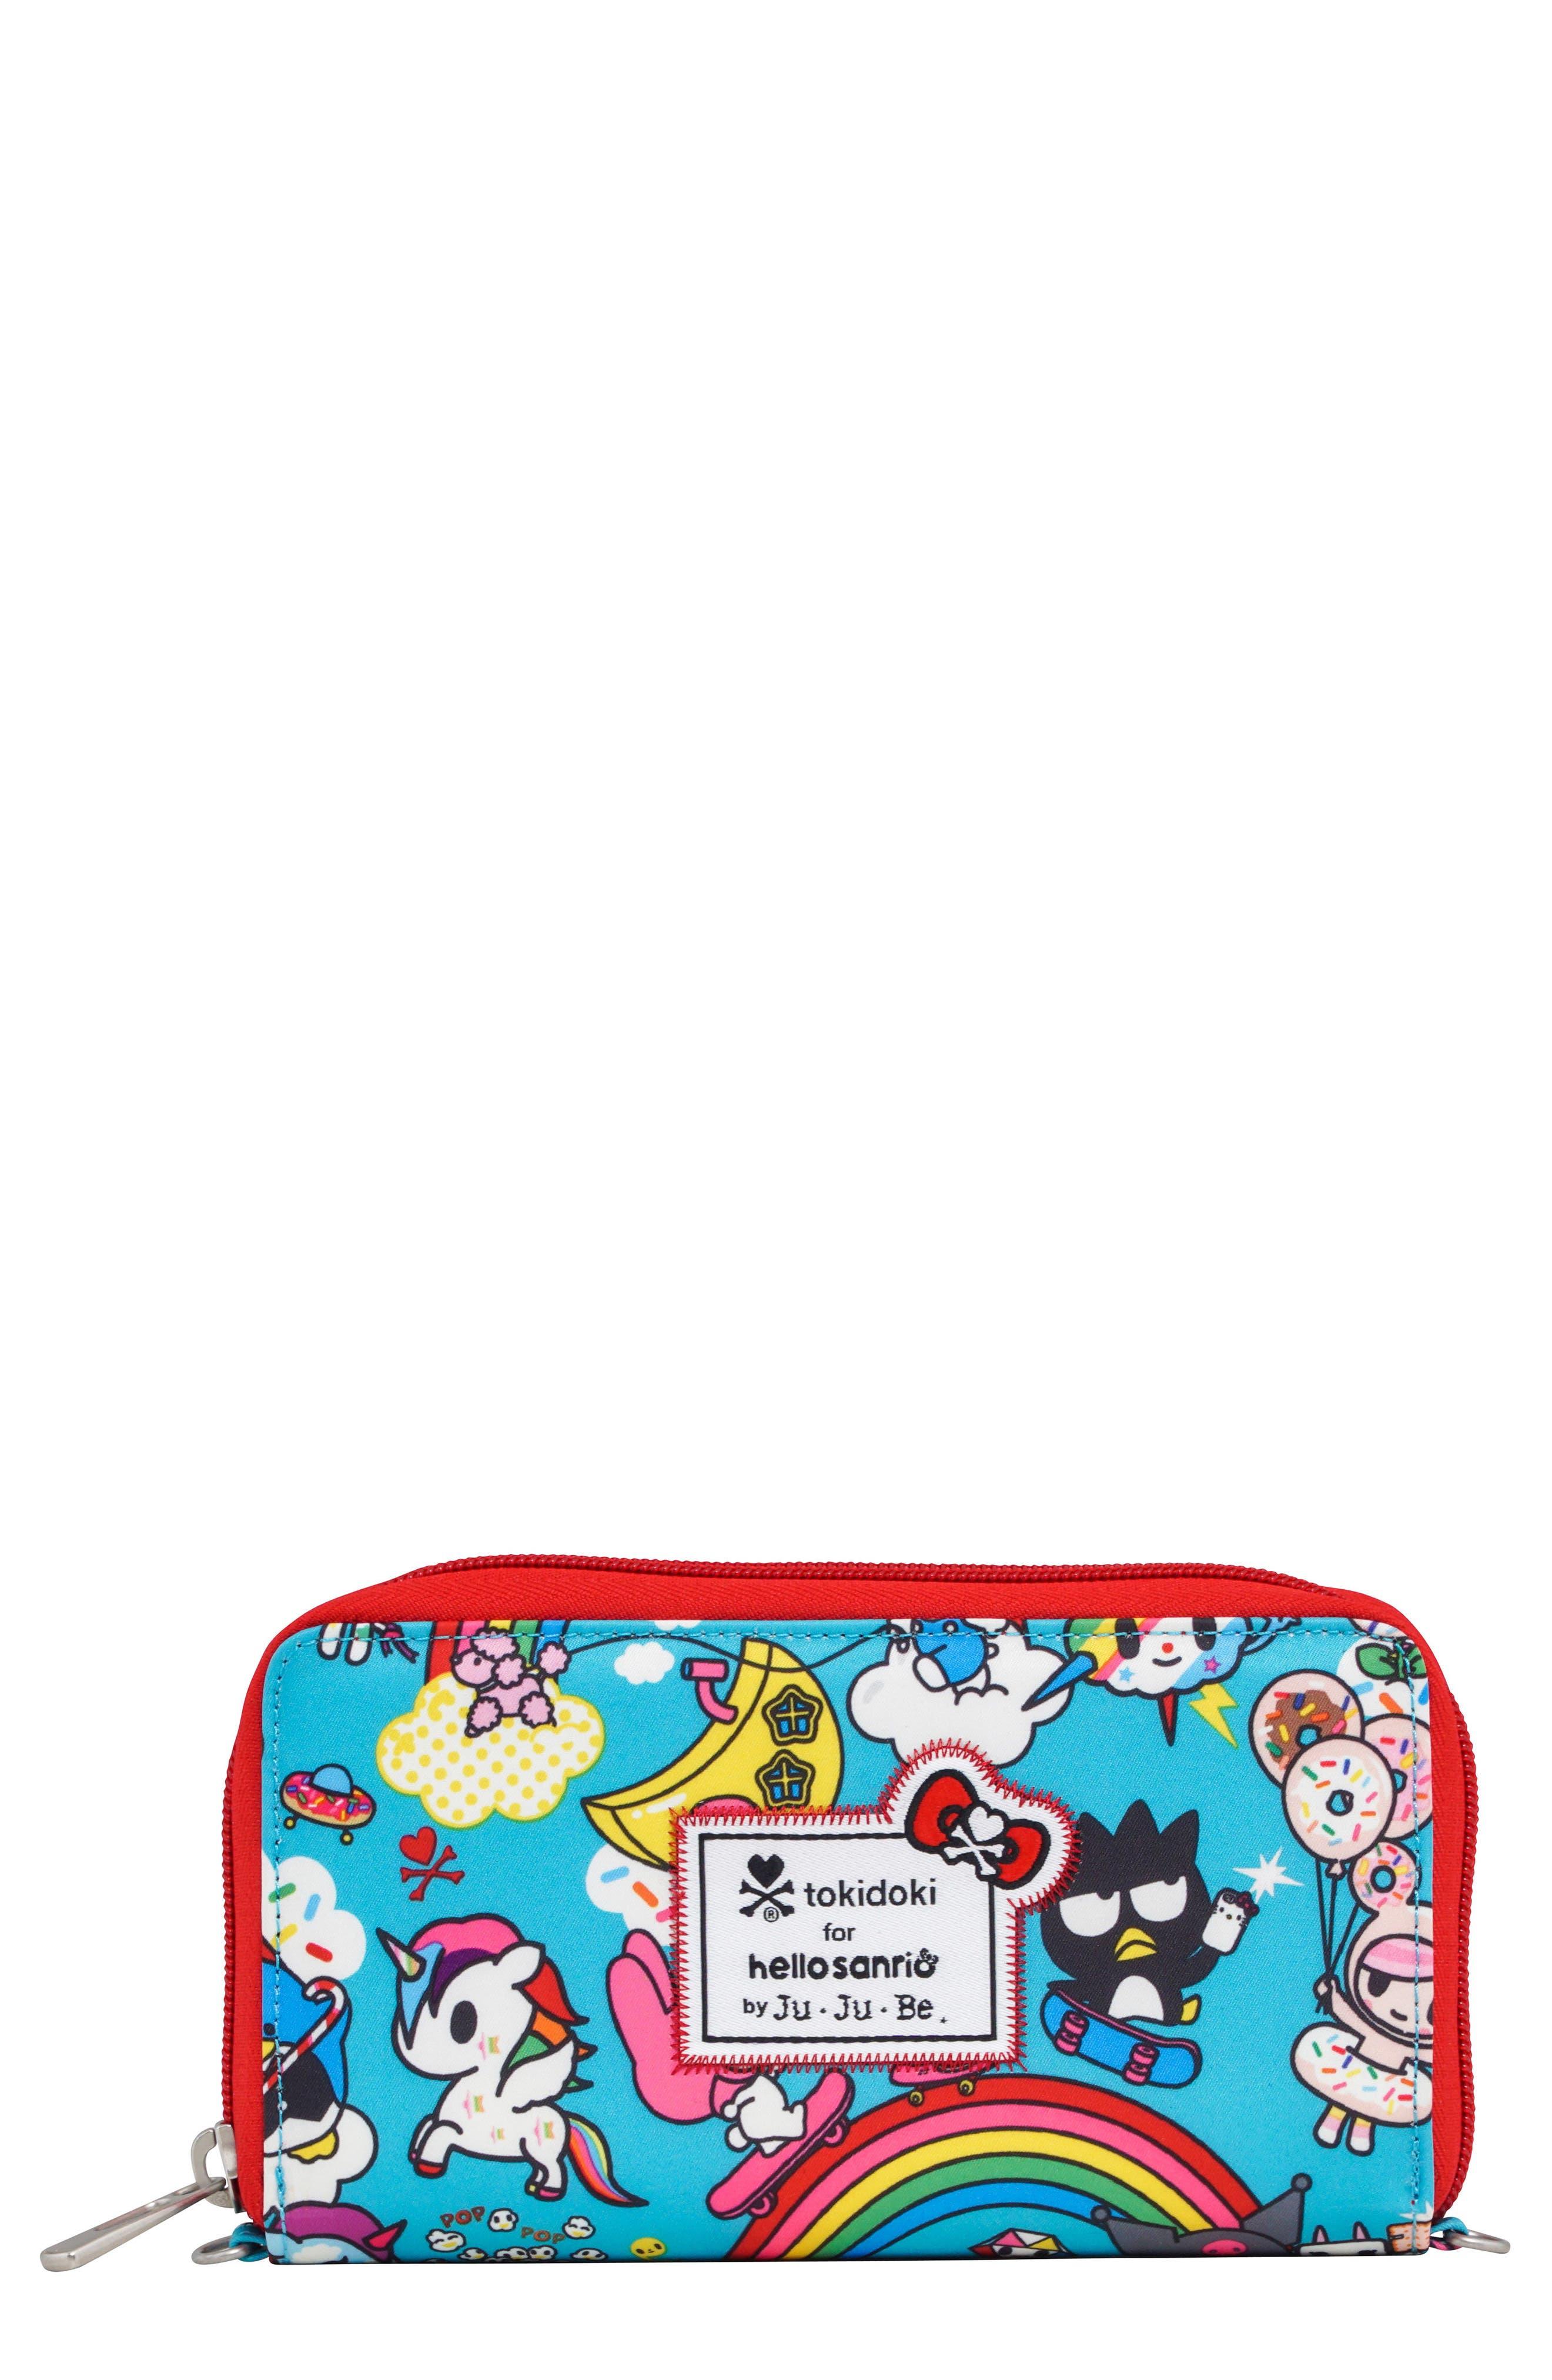 x tokidoki for Hello Sanrio Rainbow Dreams Be Spendy Clutch Wallet,                         Main,                         color, Rainbow Dreams